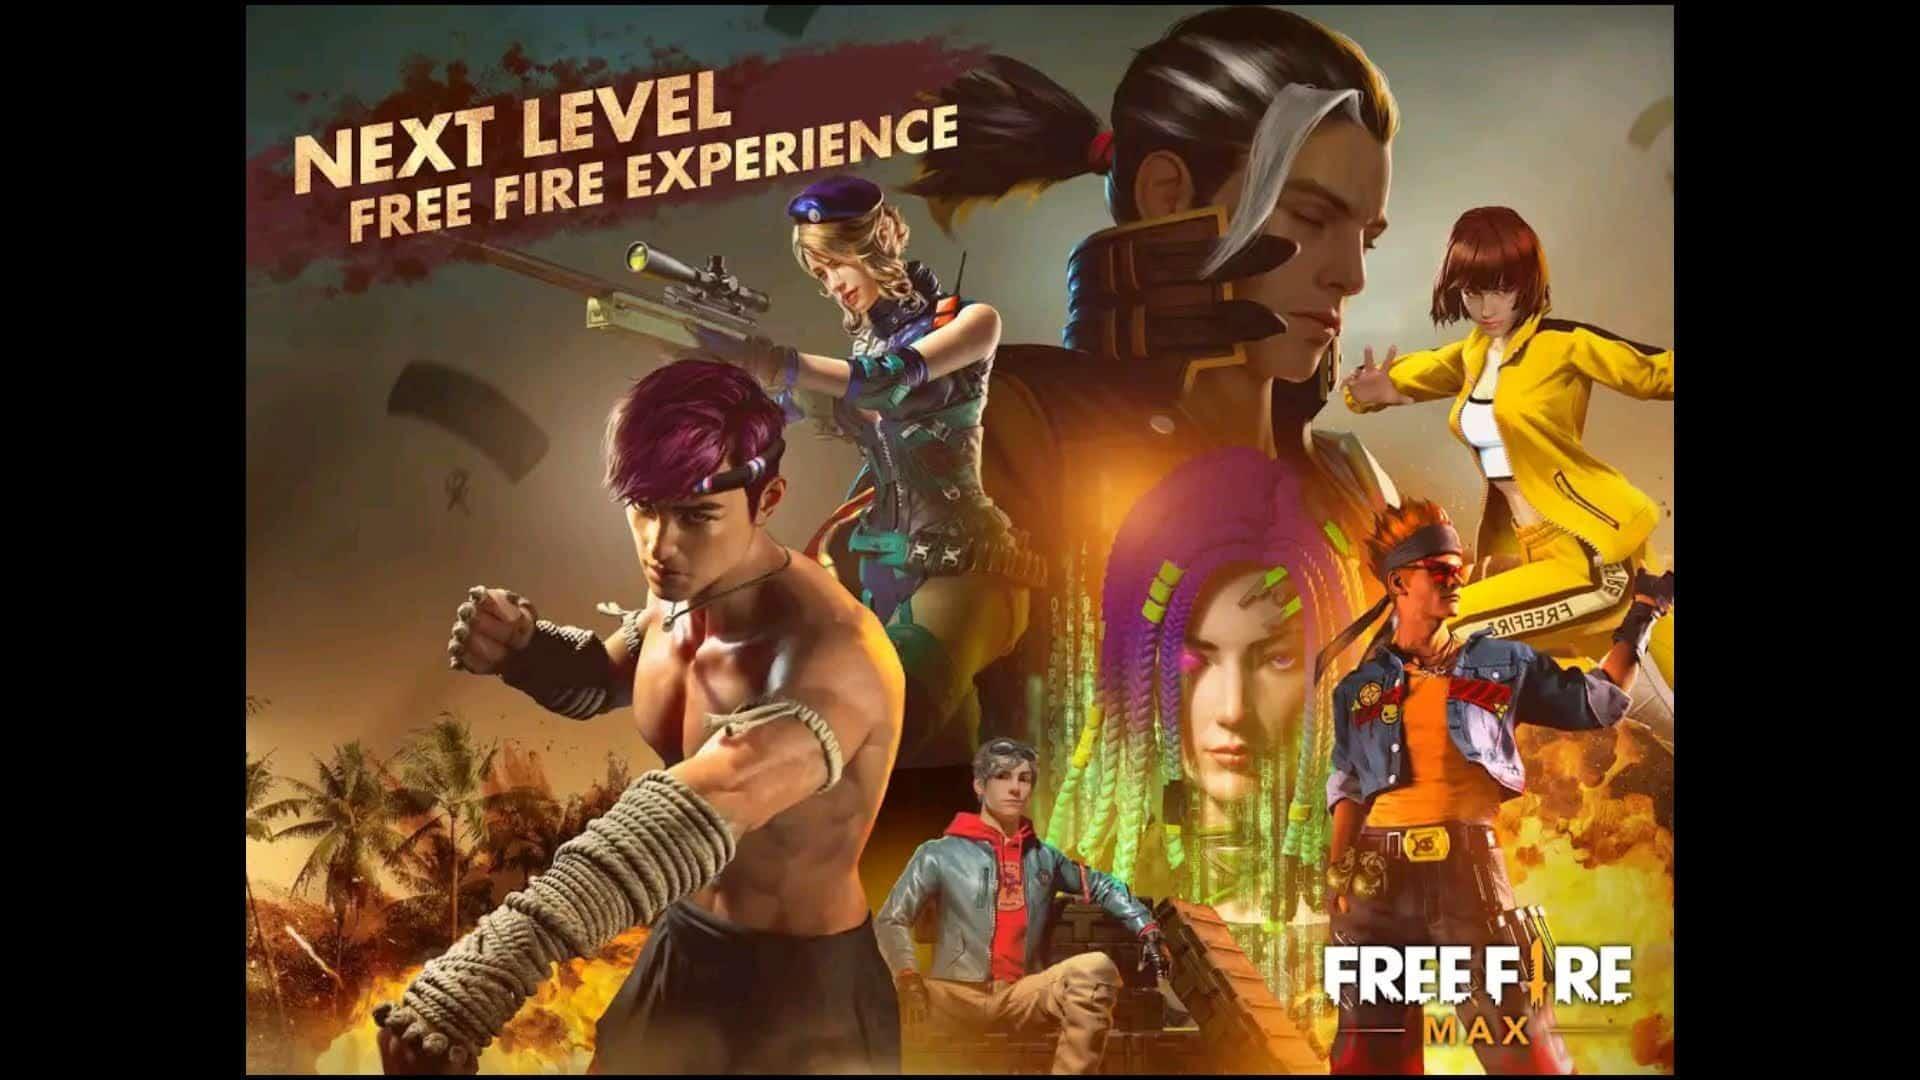 free-fire-max-imagens-googleplay-2 Free Fire Max é lançado na Bolívia, Vietnã e Malásia (Acesso Antecipado)